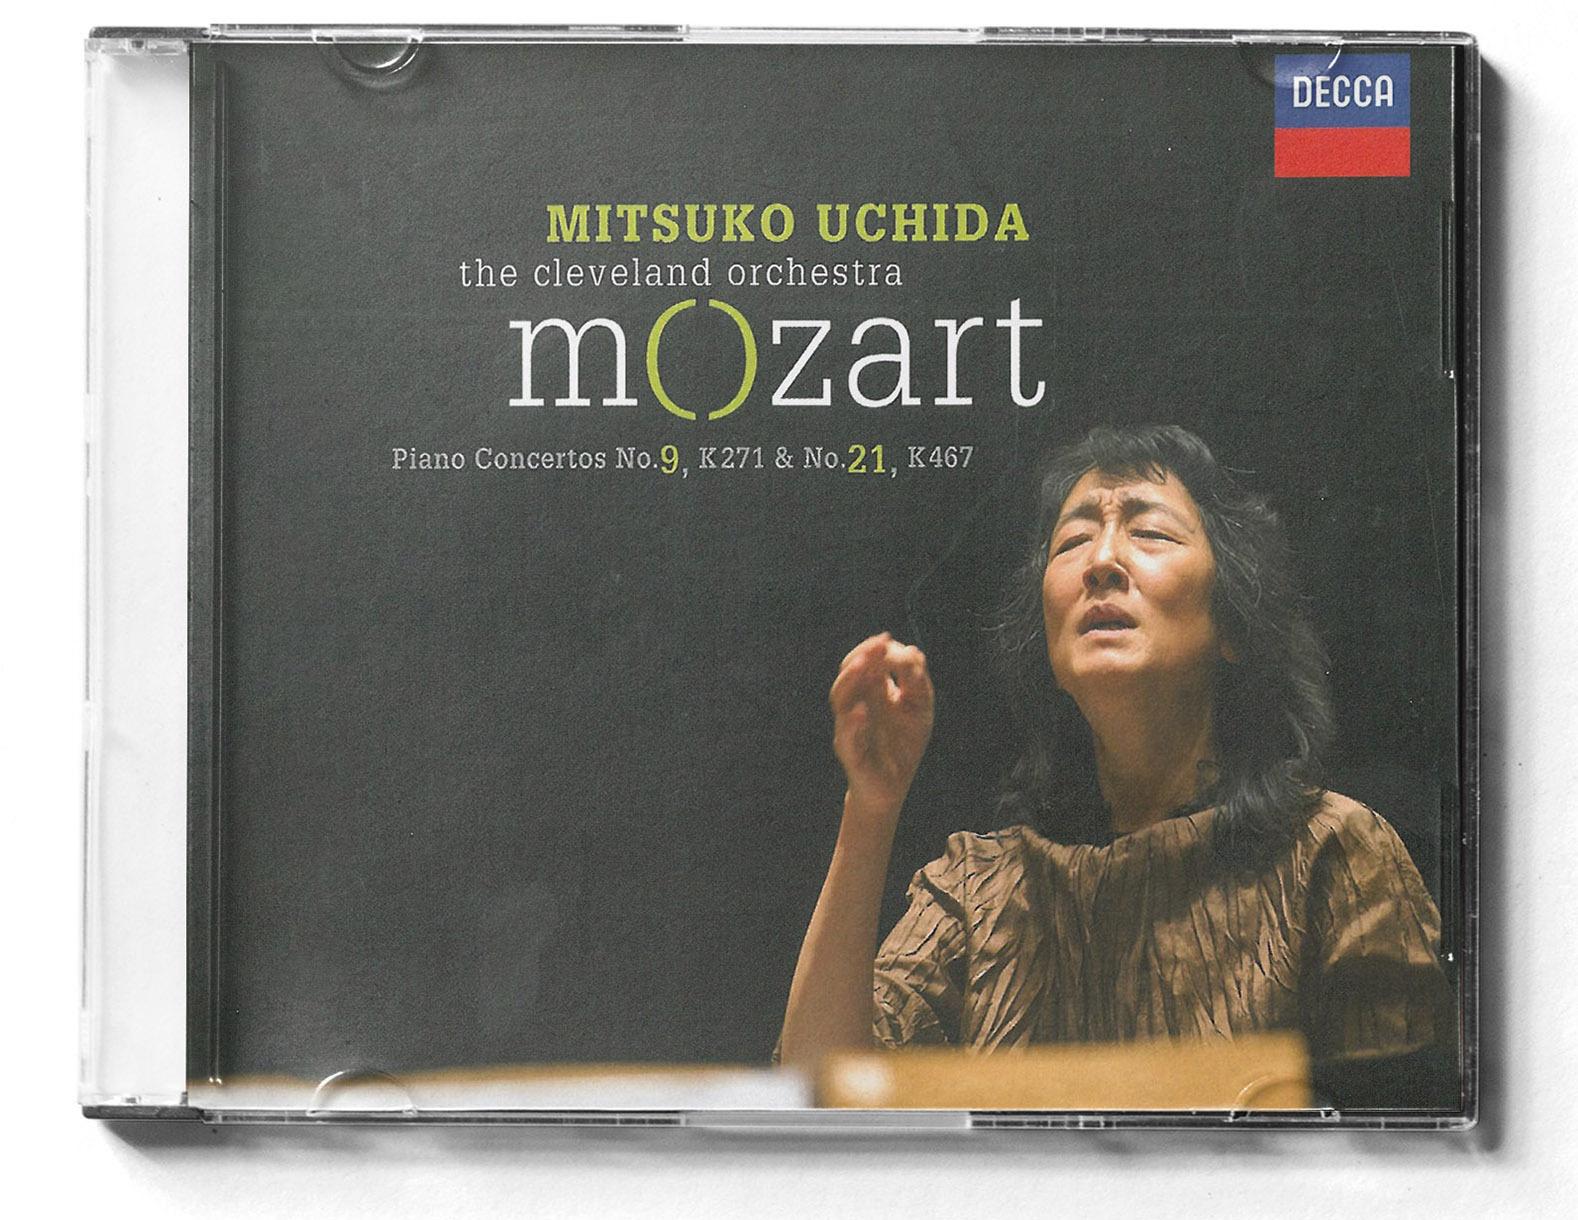 Mozart Piano Concertos No. 9 & 21